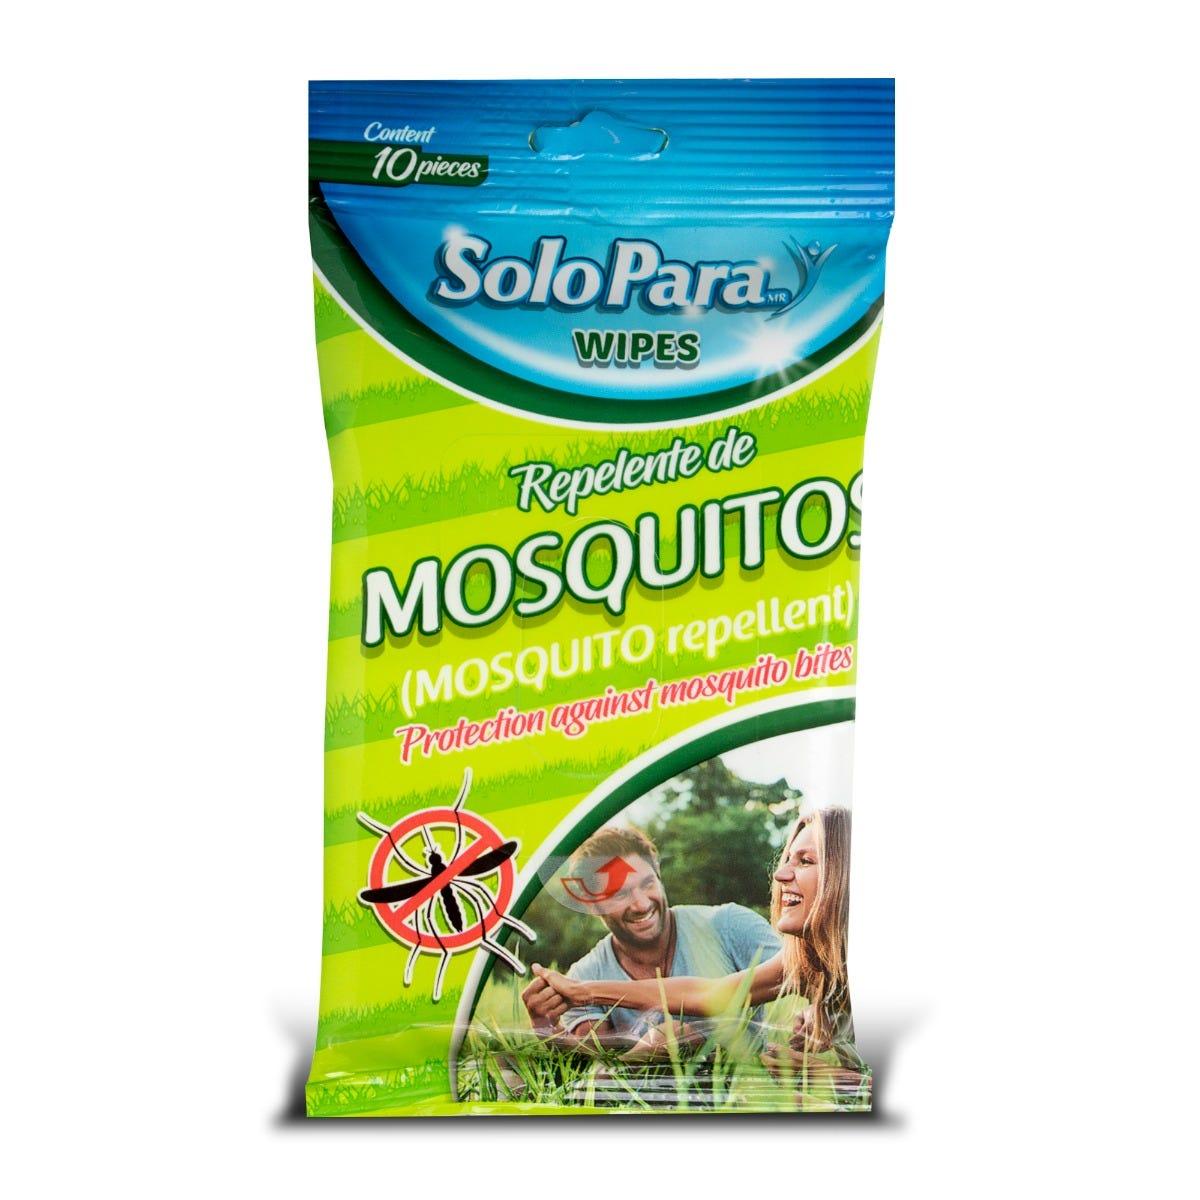 Toallitas húmedas repelentes de mosquitos SoloPara®